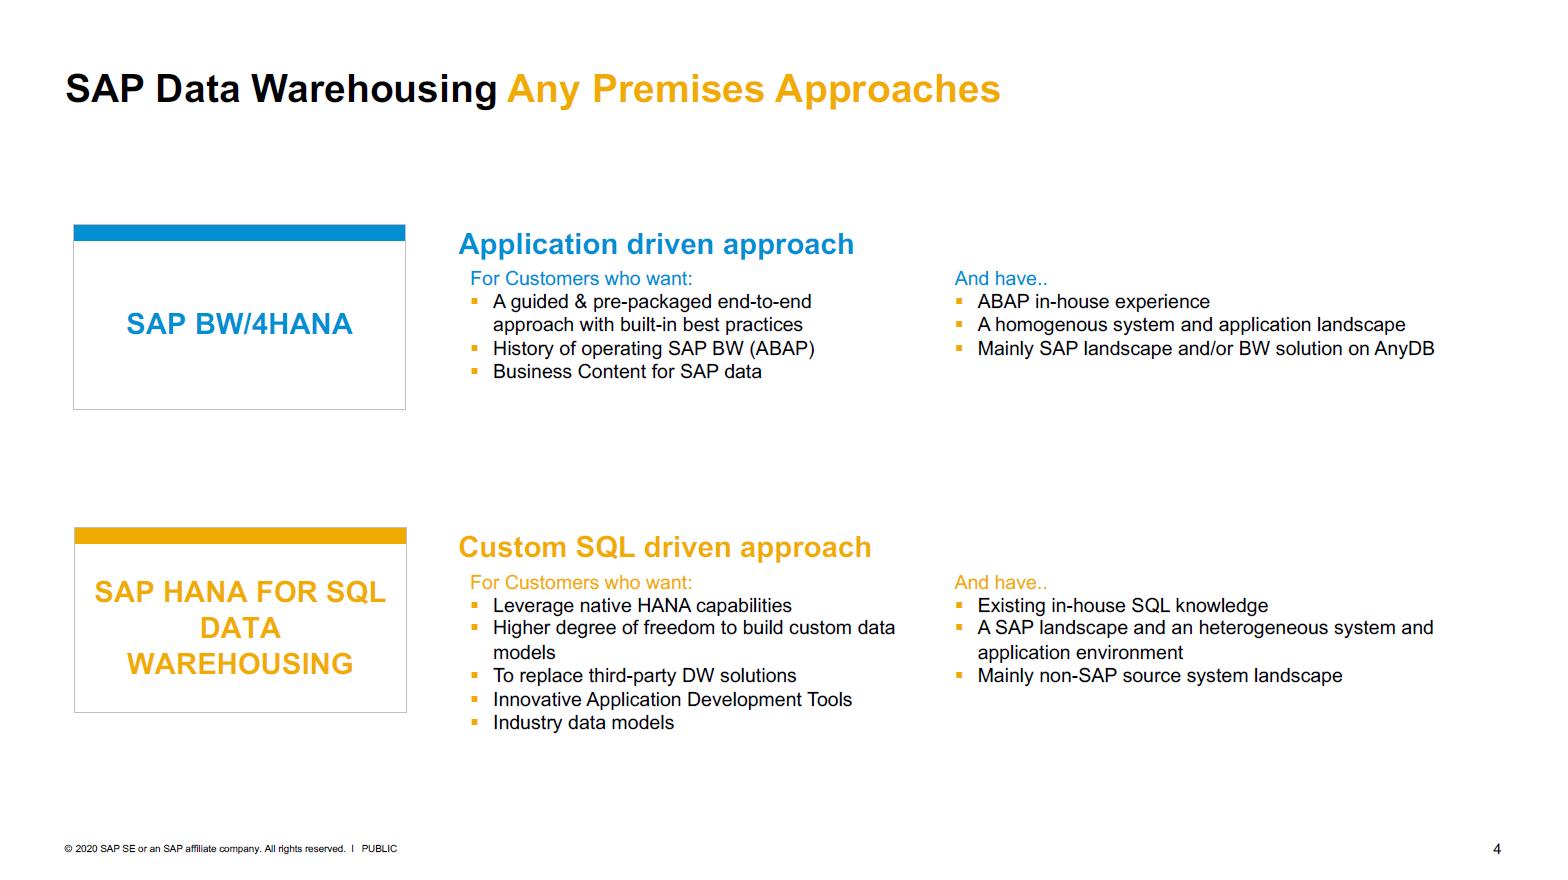 Im November 2019 wurde SAP Data Warehouse Cloud (SAP DWC) veröffentlicht. Sollte man ein Data Warehouse in der Public Cloud aufbauen, kommen sämtliche Services dafür von SAP. • Die Lösung kann als Stand-Alone Lösung in der Cloud betrieben werden. • Sie kann aber auch als Hybrid-Lösung mit SAP BW/4HANA oder • mit SAP HANA for SQL Data Warehousing eingesetzt werden. Auch ältere Versionen von BW können im Hybrid-Modell genutzt werden, diese sind allerdings nicht so eng integriert mit SAP DWC. Data Warehouse Cloud bedeutet keine Ablösung von SAP BW/4HANA oder SAP HANA for SQL. Dass die Wartung für SAP BW/4HANA bis 2040 verlängert wurde, unterstreicht diese Feststellung. Gründe für den Einsatz von: • BW/4HANA Unternehmen mit NetWeaver bzw. ABAP Kenntnissen und eventuell bereits bestehenden SAP-Landschaften im Haus, nutzen die hochintegrierte Lösung mit Tools zur Datenmodellie-rung, zum Monitoring, zum Datenmanagement und gebrauchsfähiger Business Content. • SAP HANA for SQL Data Warehouse Für Unternehmen, die mit SQL-Methoden ihr Data Warehouse auf Teradata oder Oracle auf-gebaut haben und starkes SQL Know-how im Haus haben und weiter damit arbeiten möchten, um zusätzliche Freiheitsgrade von SQL zu nutzen.